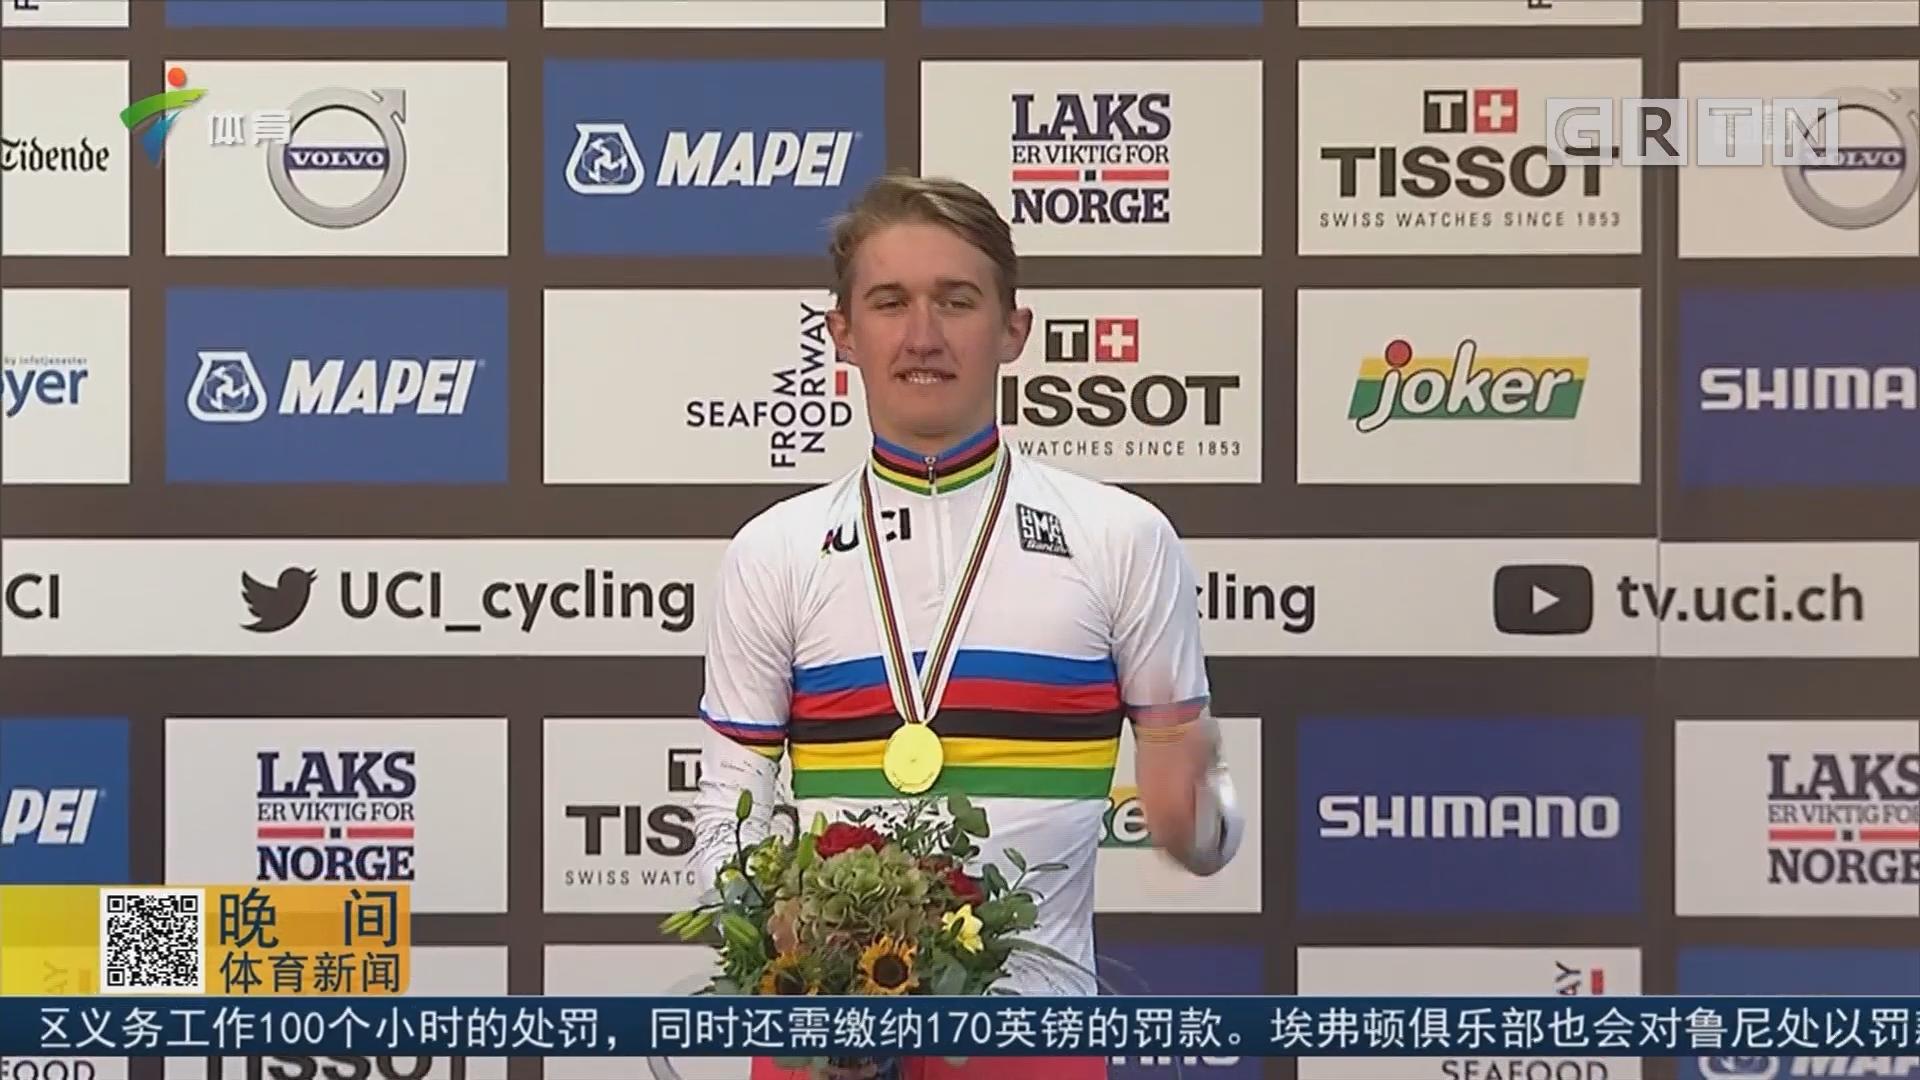 23岁以下级别公路自行车世锦赛:丹麦选手比尔夺冠